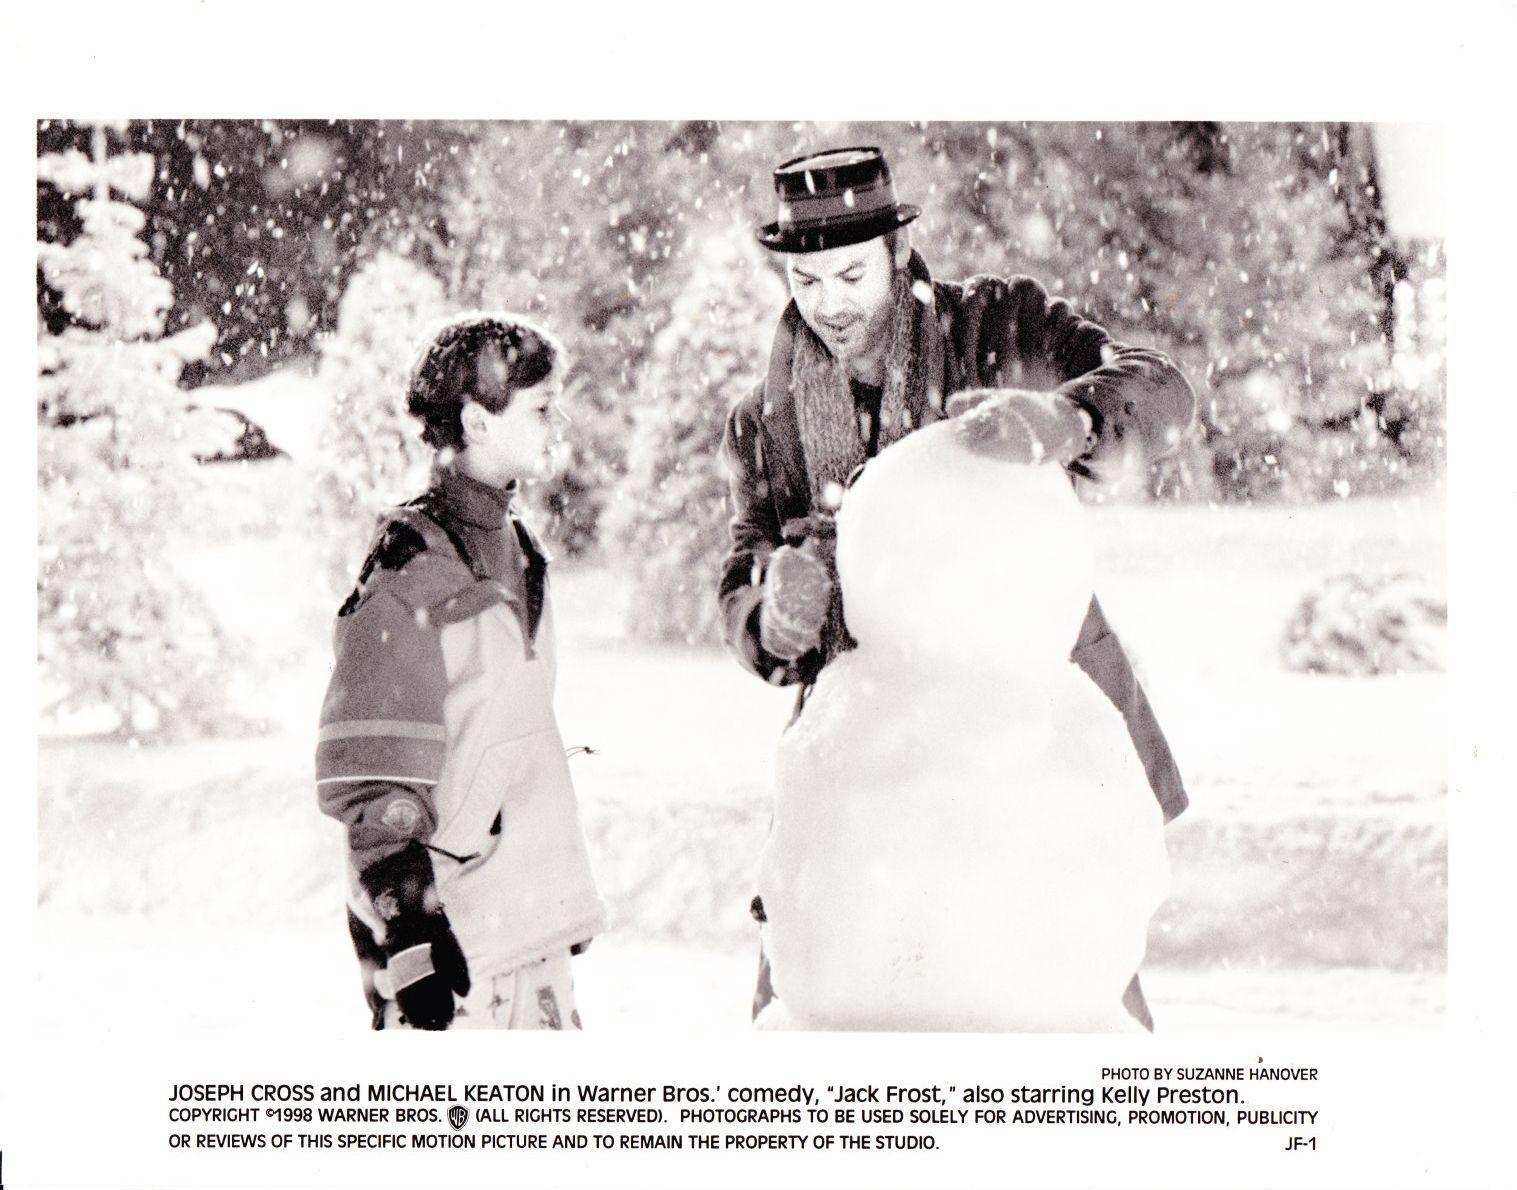 michael keaton joseph cross in jack frost 1998 movie promotional